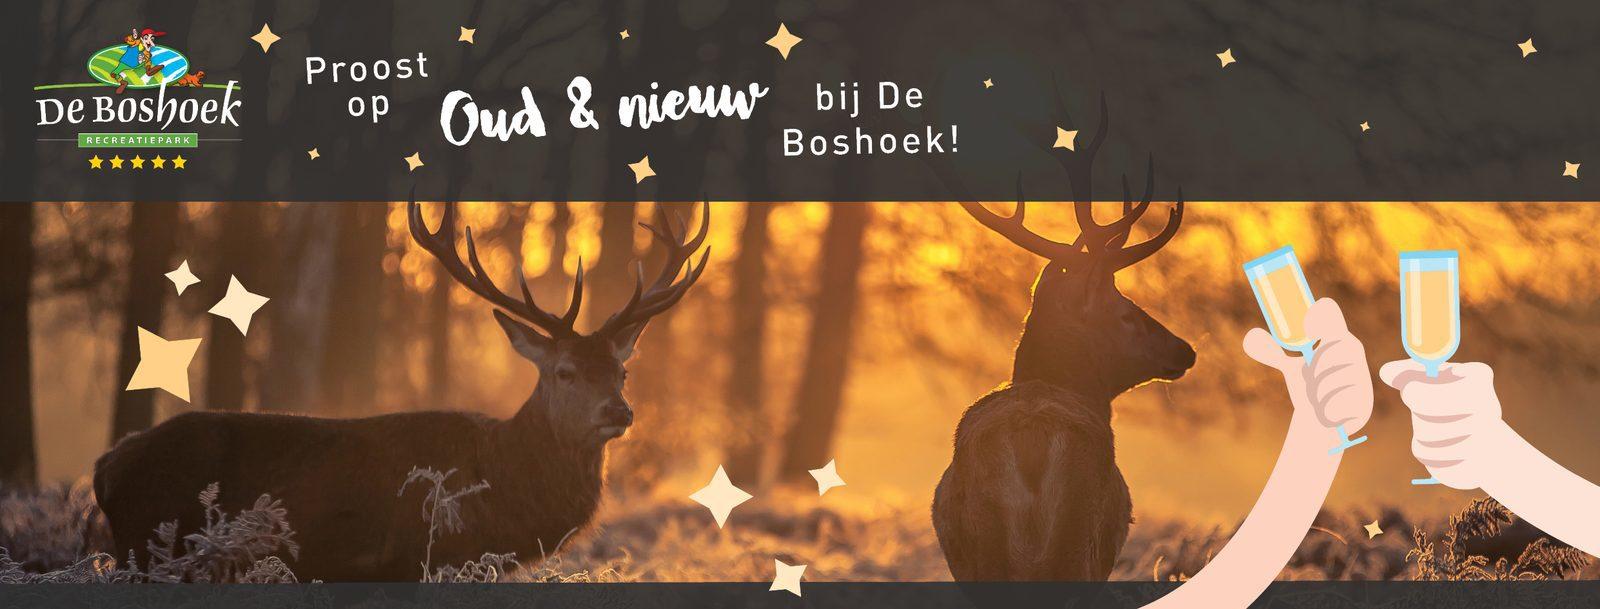 Vier Oud & Nieuw op De Boshoek op de Veluwe